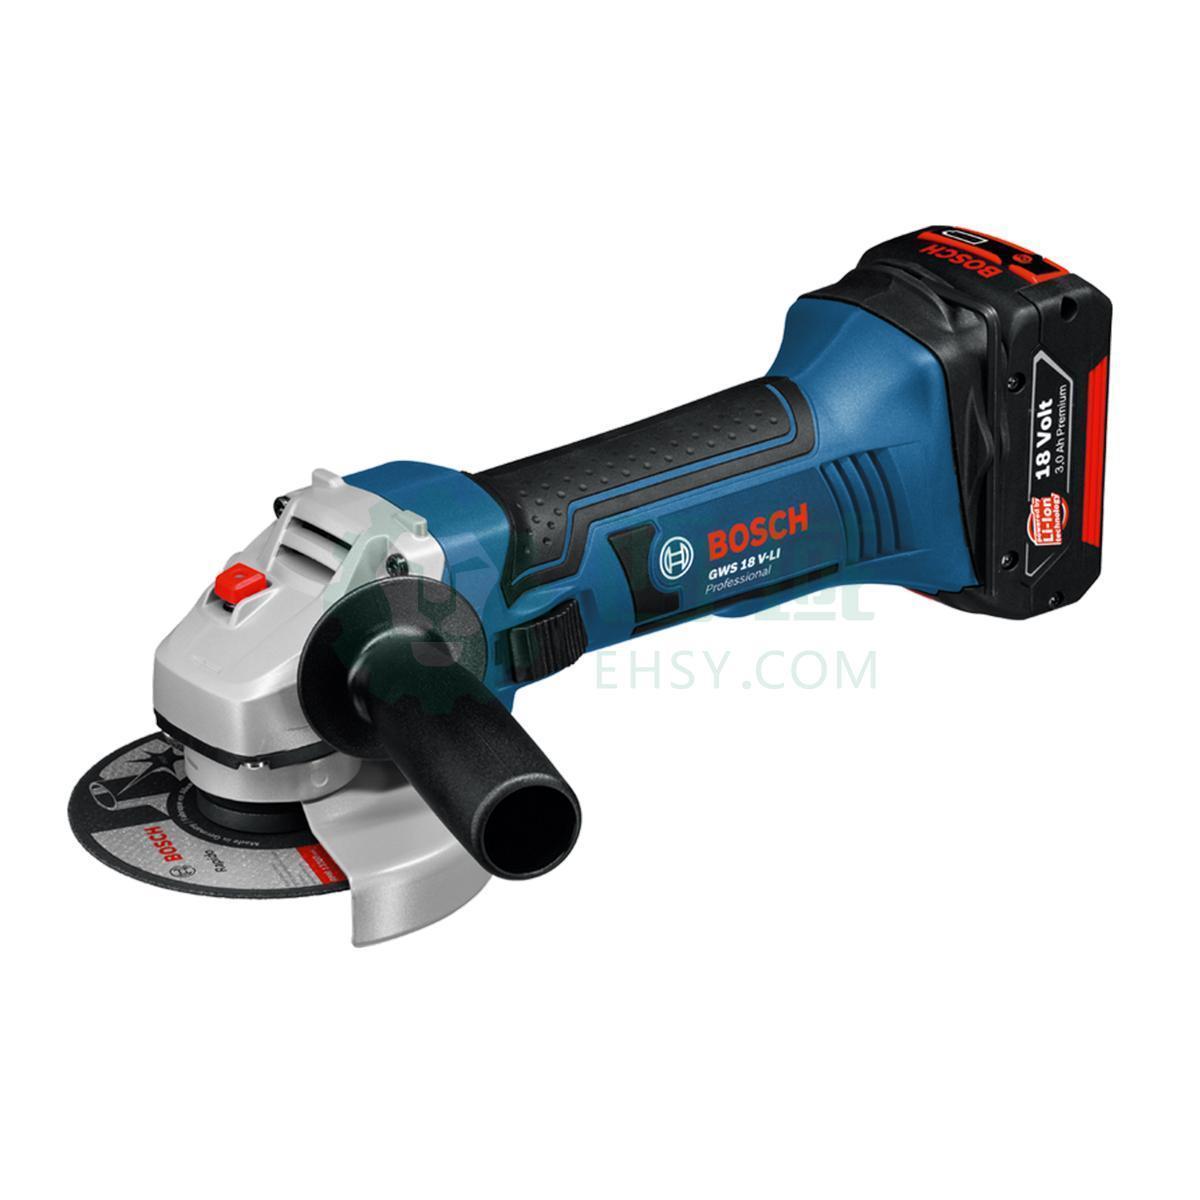 博世Bosch充电式角磨机GWS180-Li/100,2*6.0Ah套装,GWS180-Li-6.0Ah套装